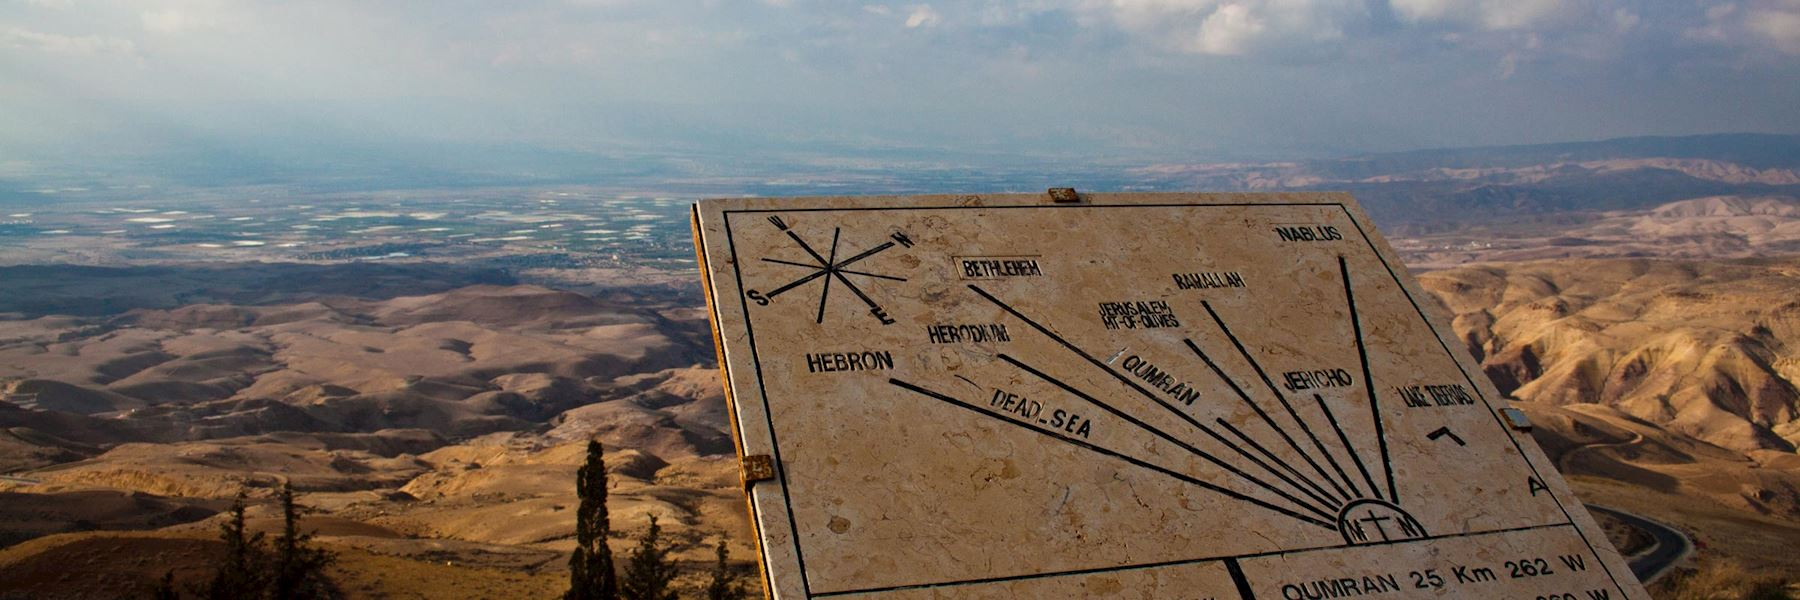 Visit Mount Nebo, Jordan